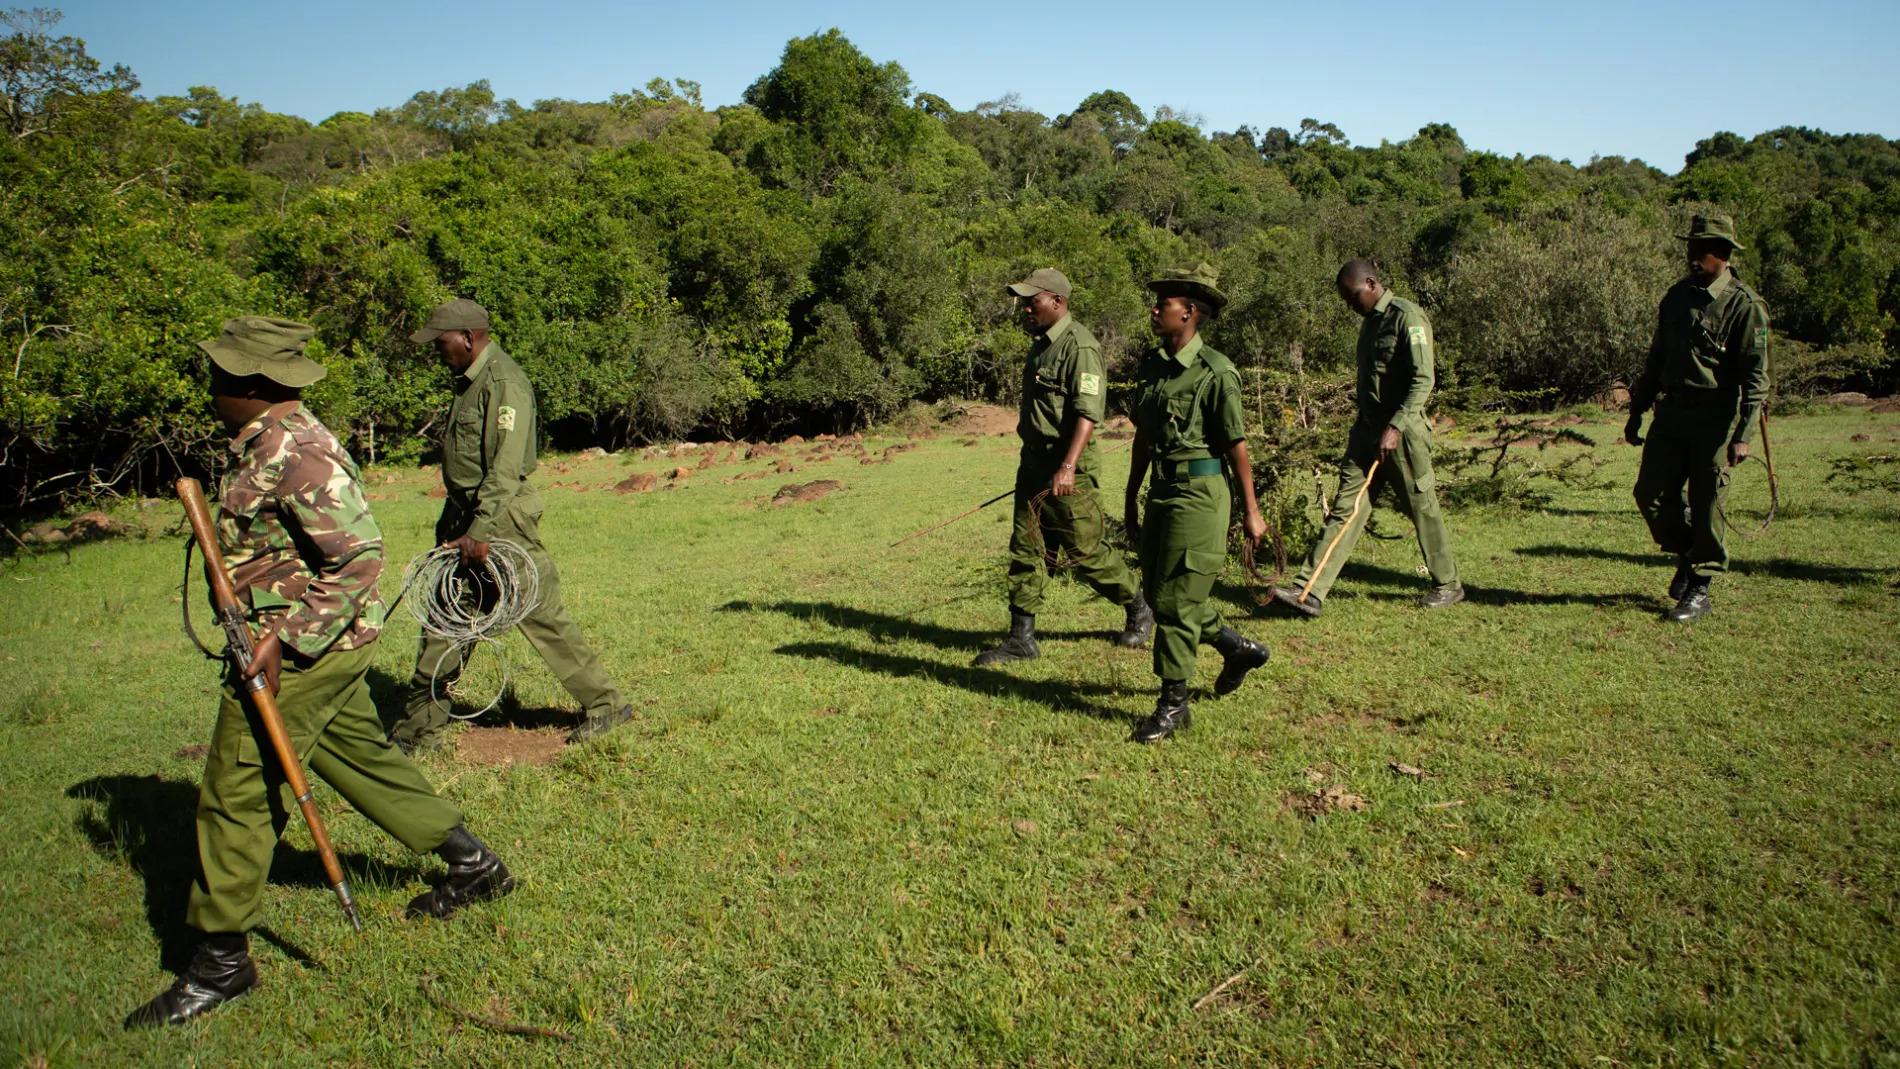 snare team walking